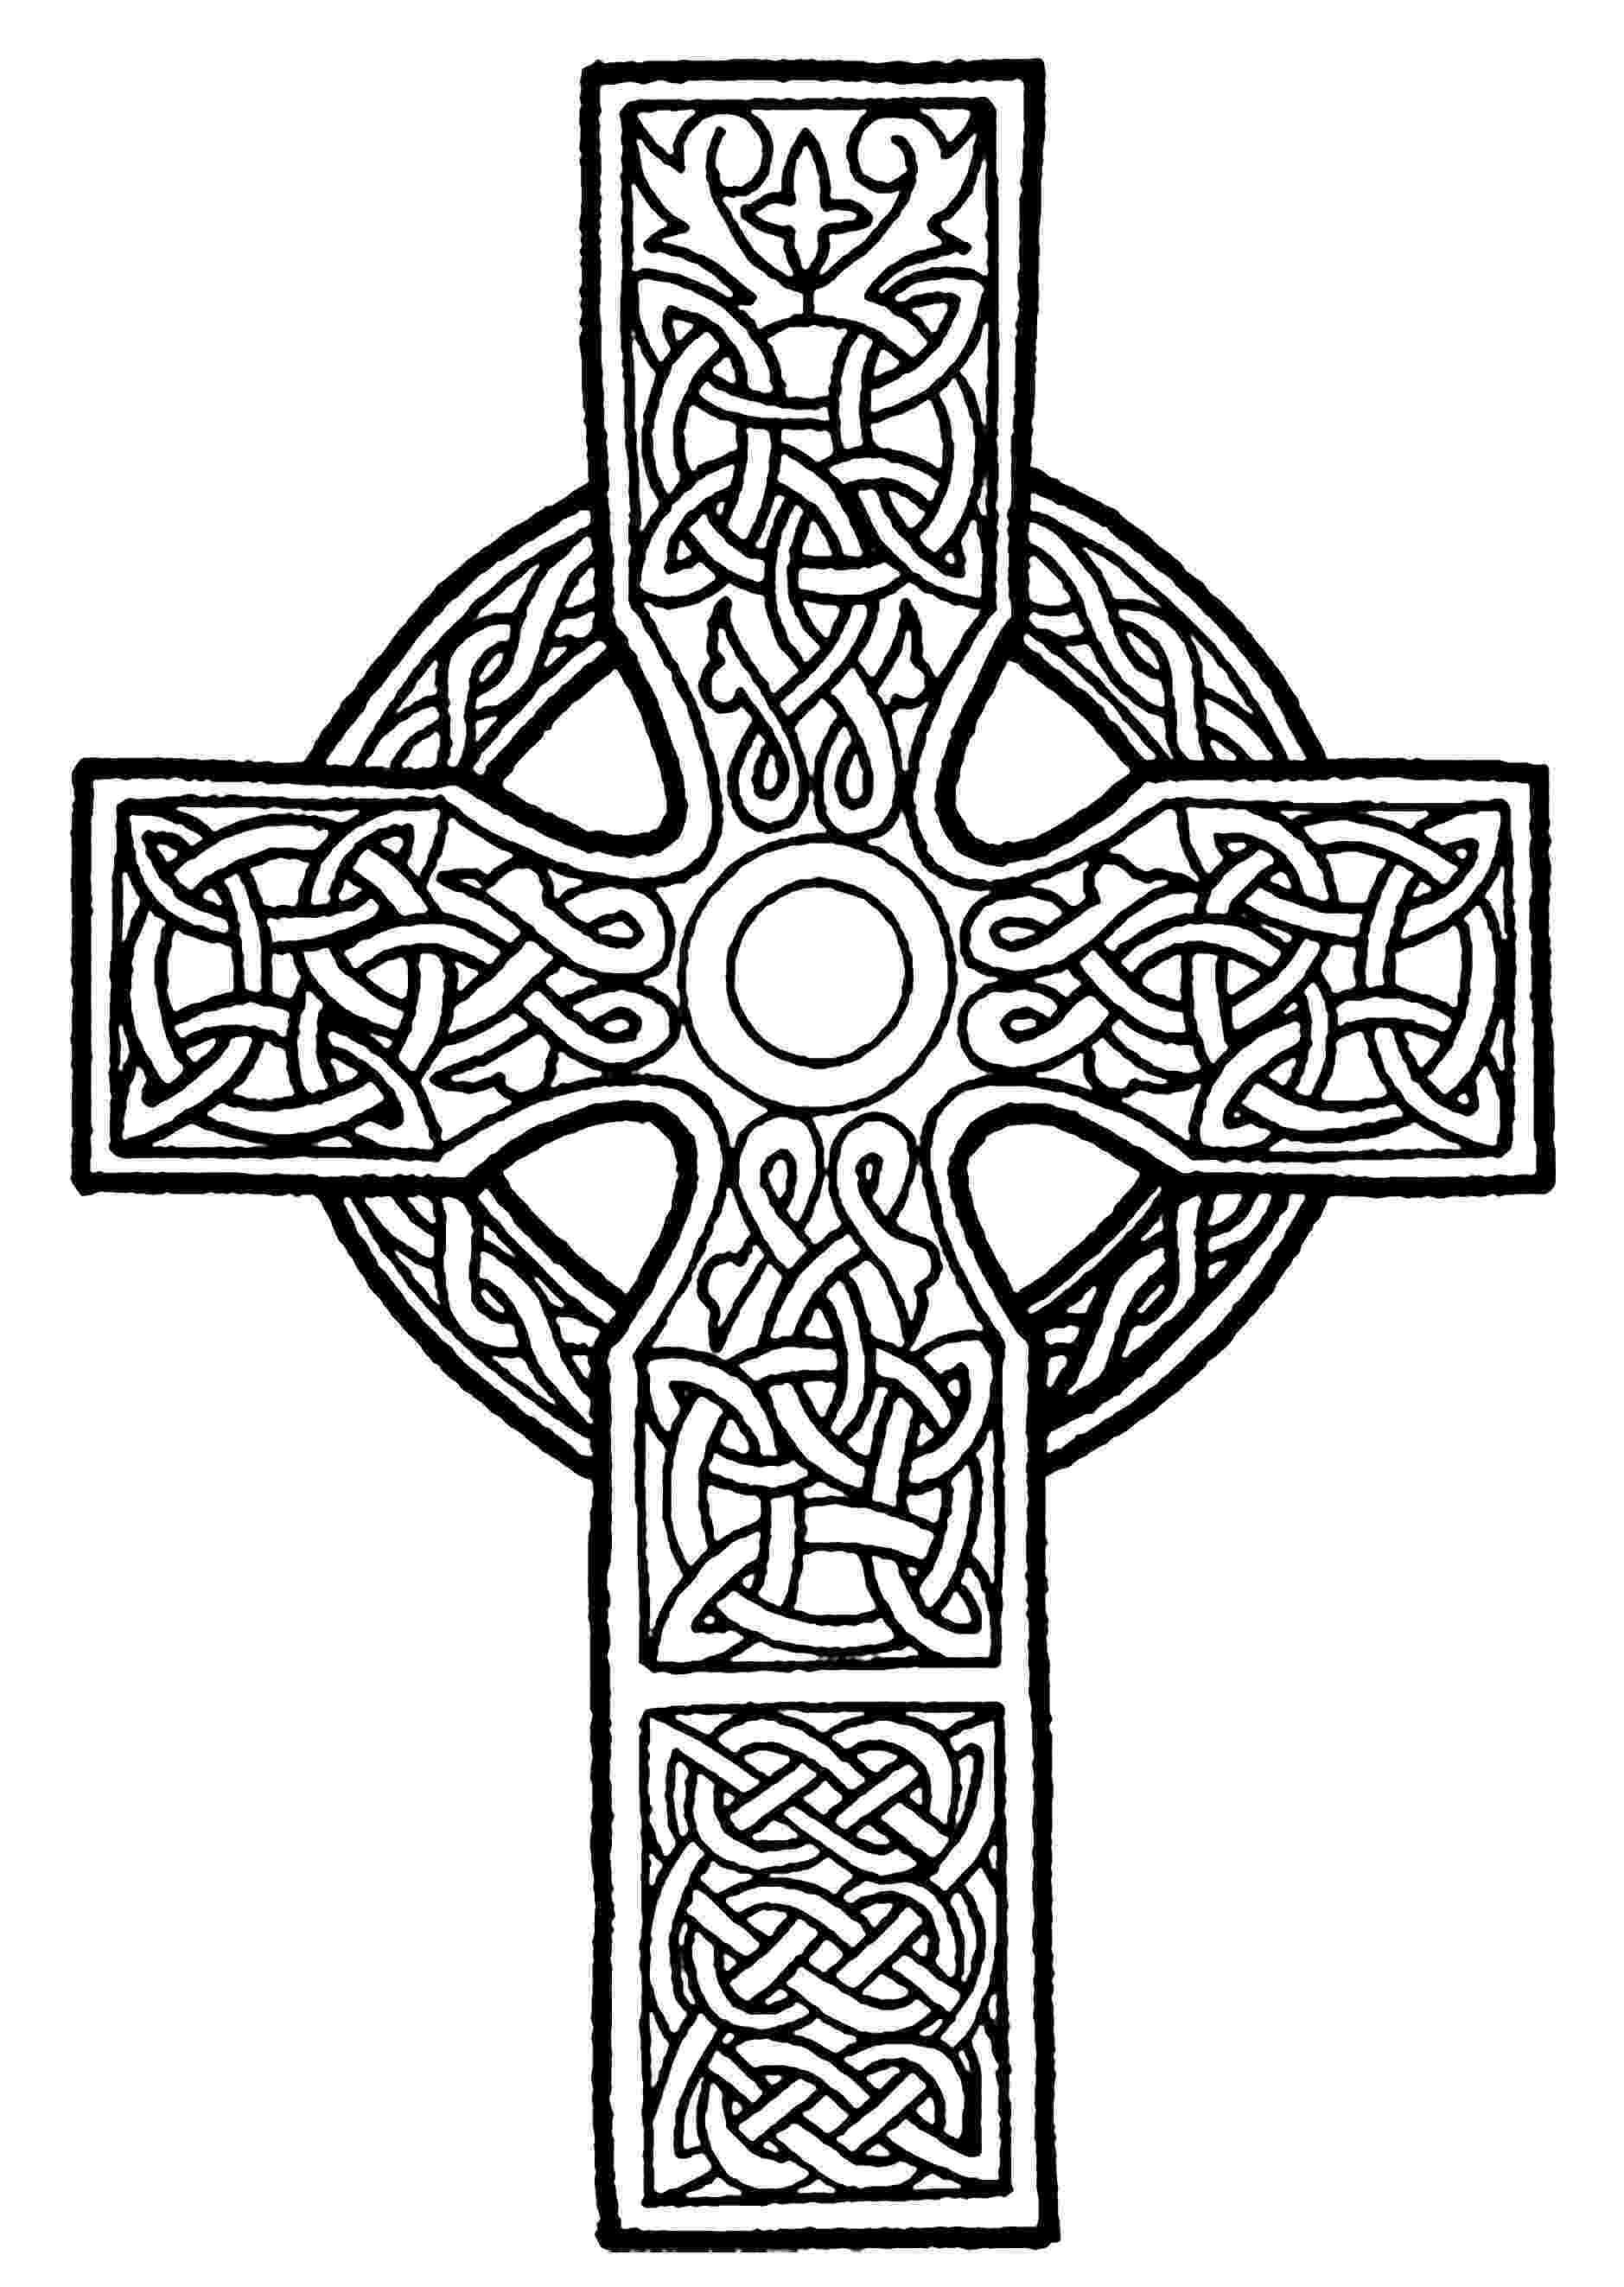 celtic art celtic dragons 3 by feivelyn on deviantart celtic celtic art